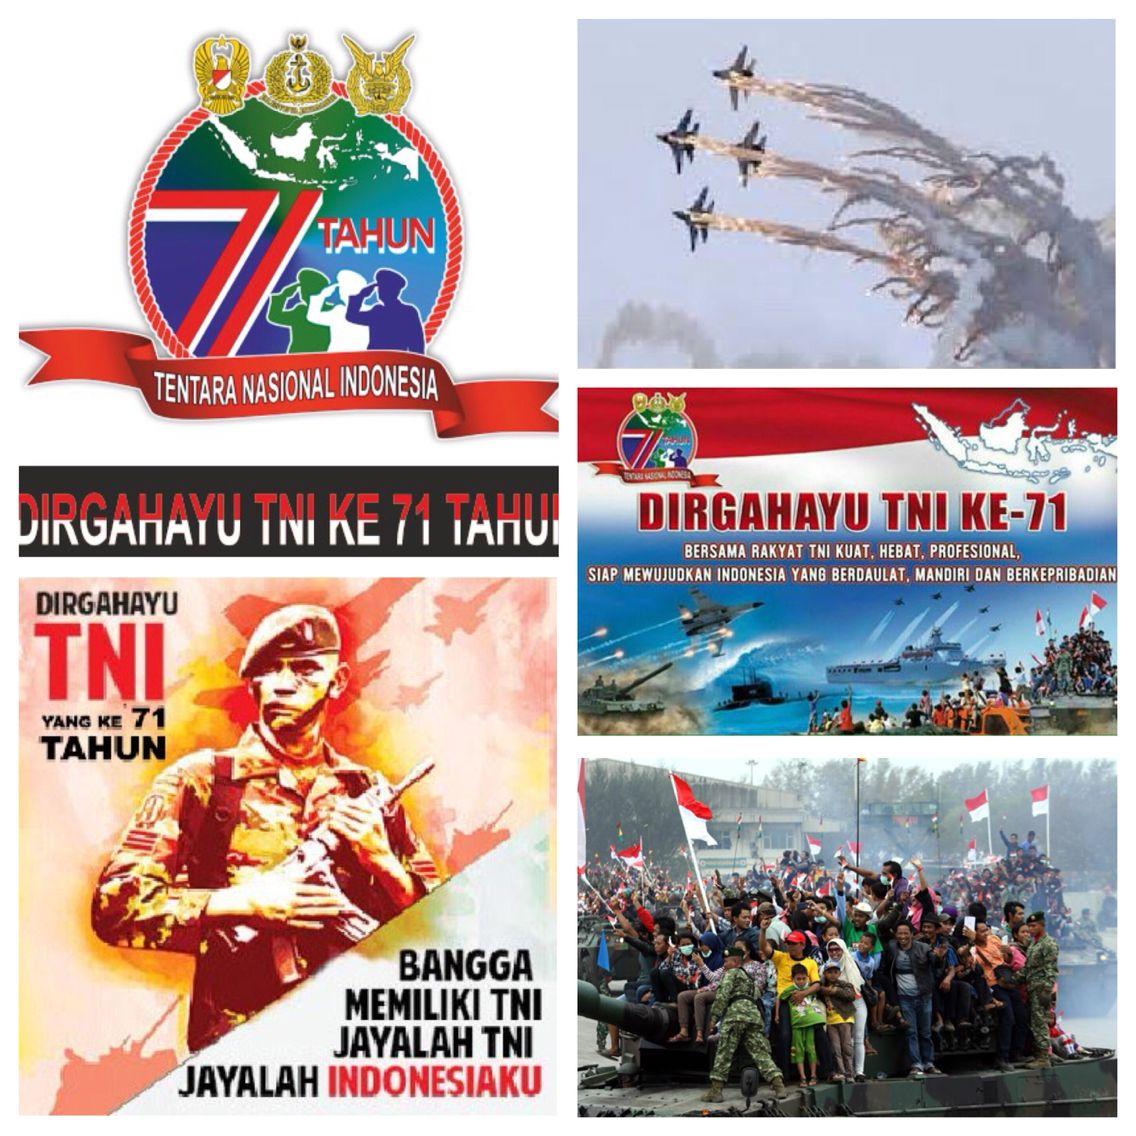 Dirgahayu TNI Ke 71